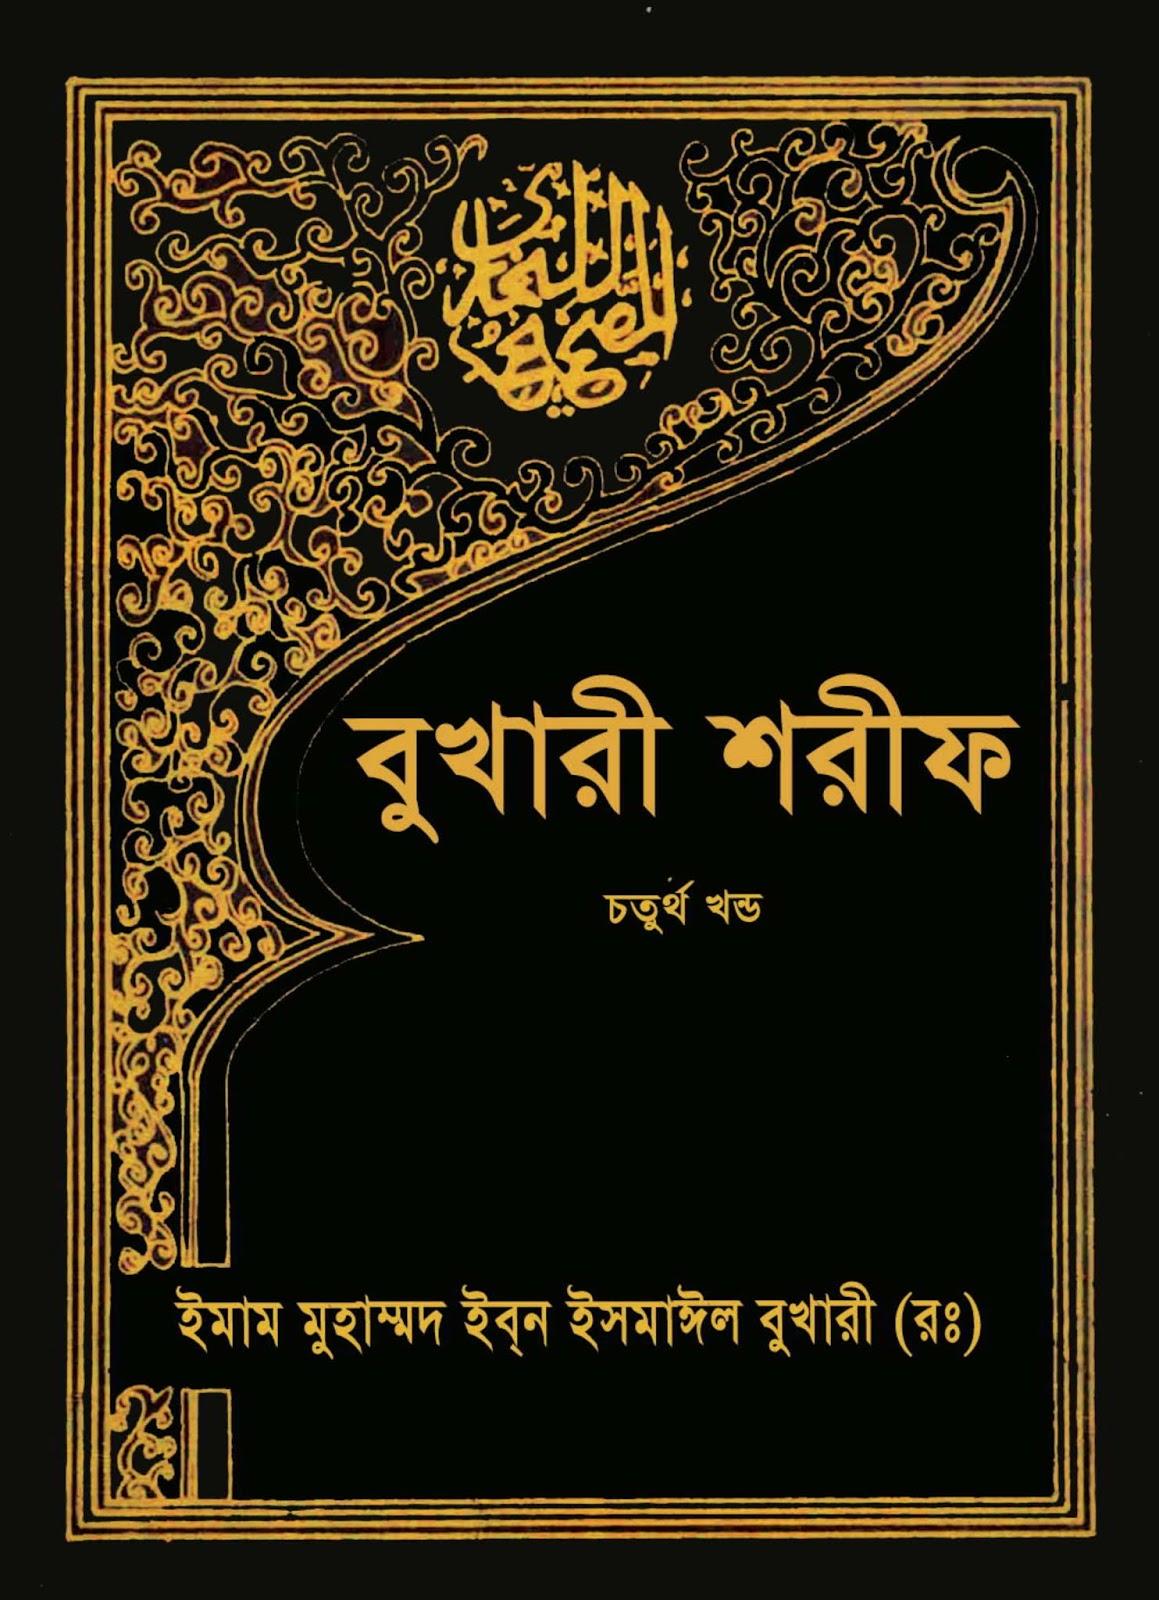 বোখারী শরীফ ৪র্থ খন্ড pdf | বোখারী শরীফ ফ্রিতে ডাউনলোড করুন | bangla hadith | bangla hadis | hadithbd | হাদিস